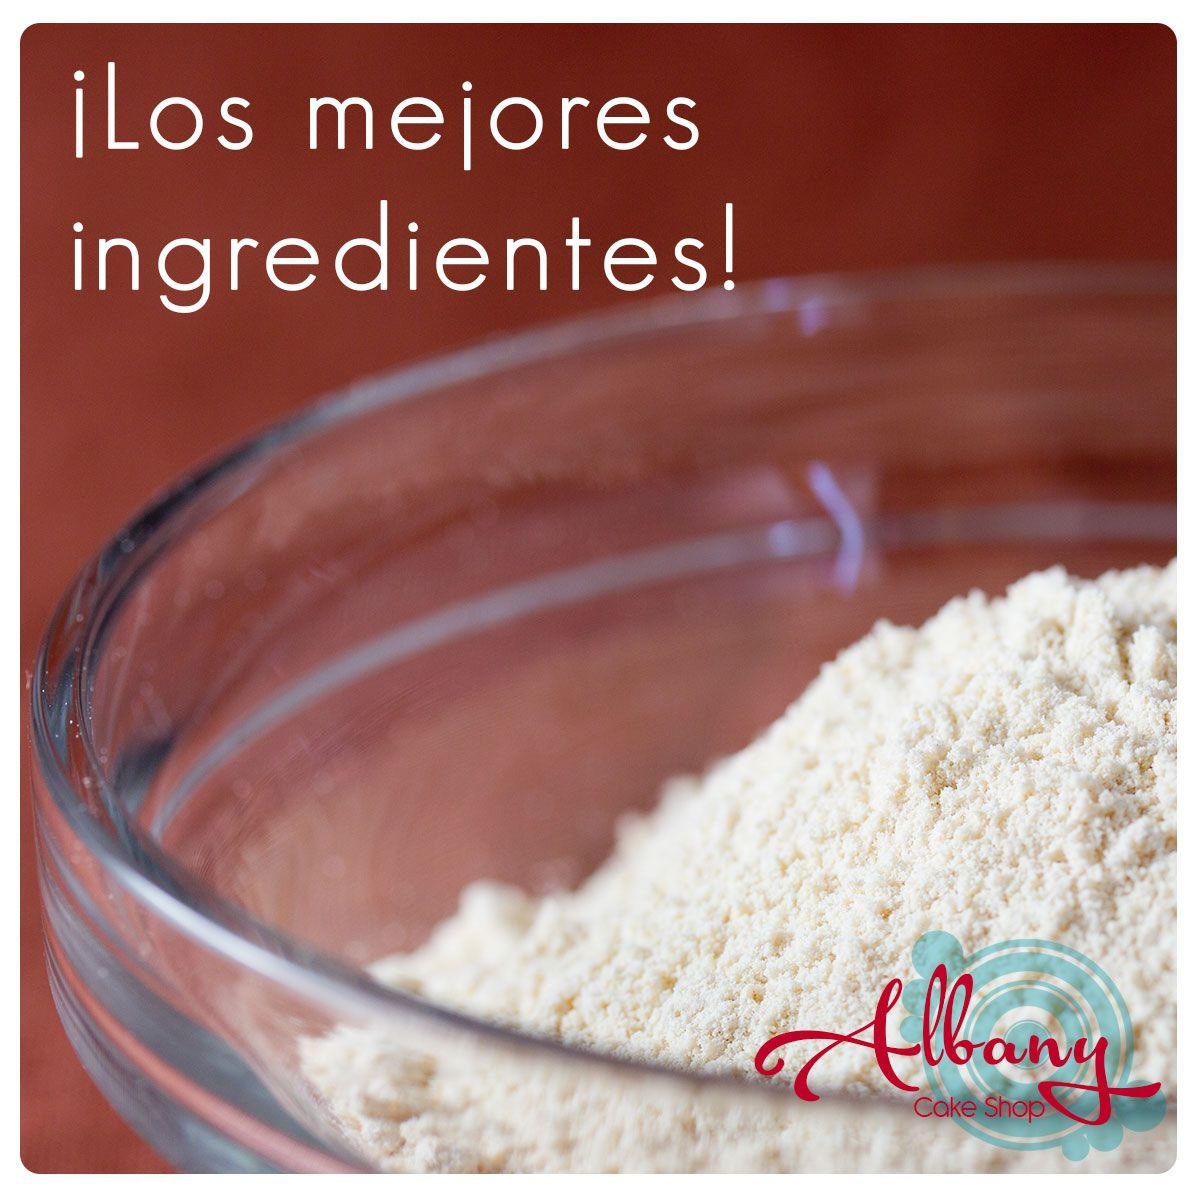 ¡Queremos lo mejor para ti! <3 #LoMejorEstaPorVenir #AlbanyCakeShop #Pasteleria #Bogota #Sabores #Ingredientes